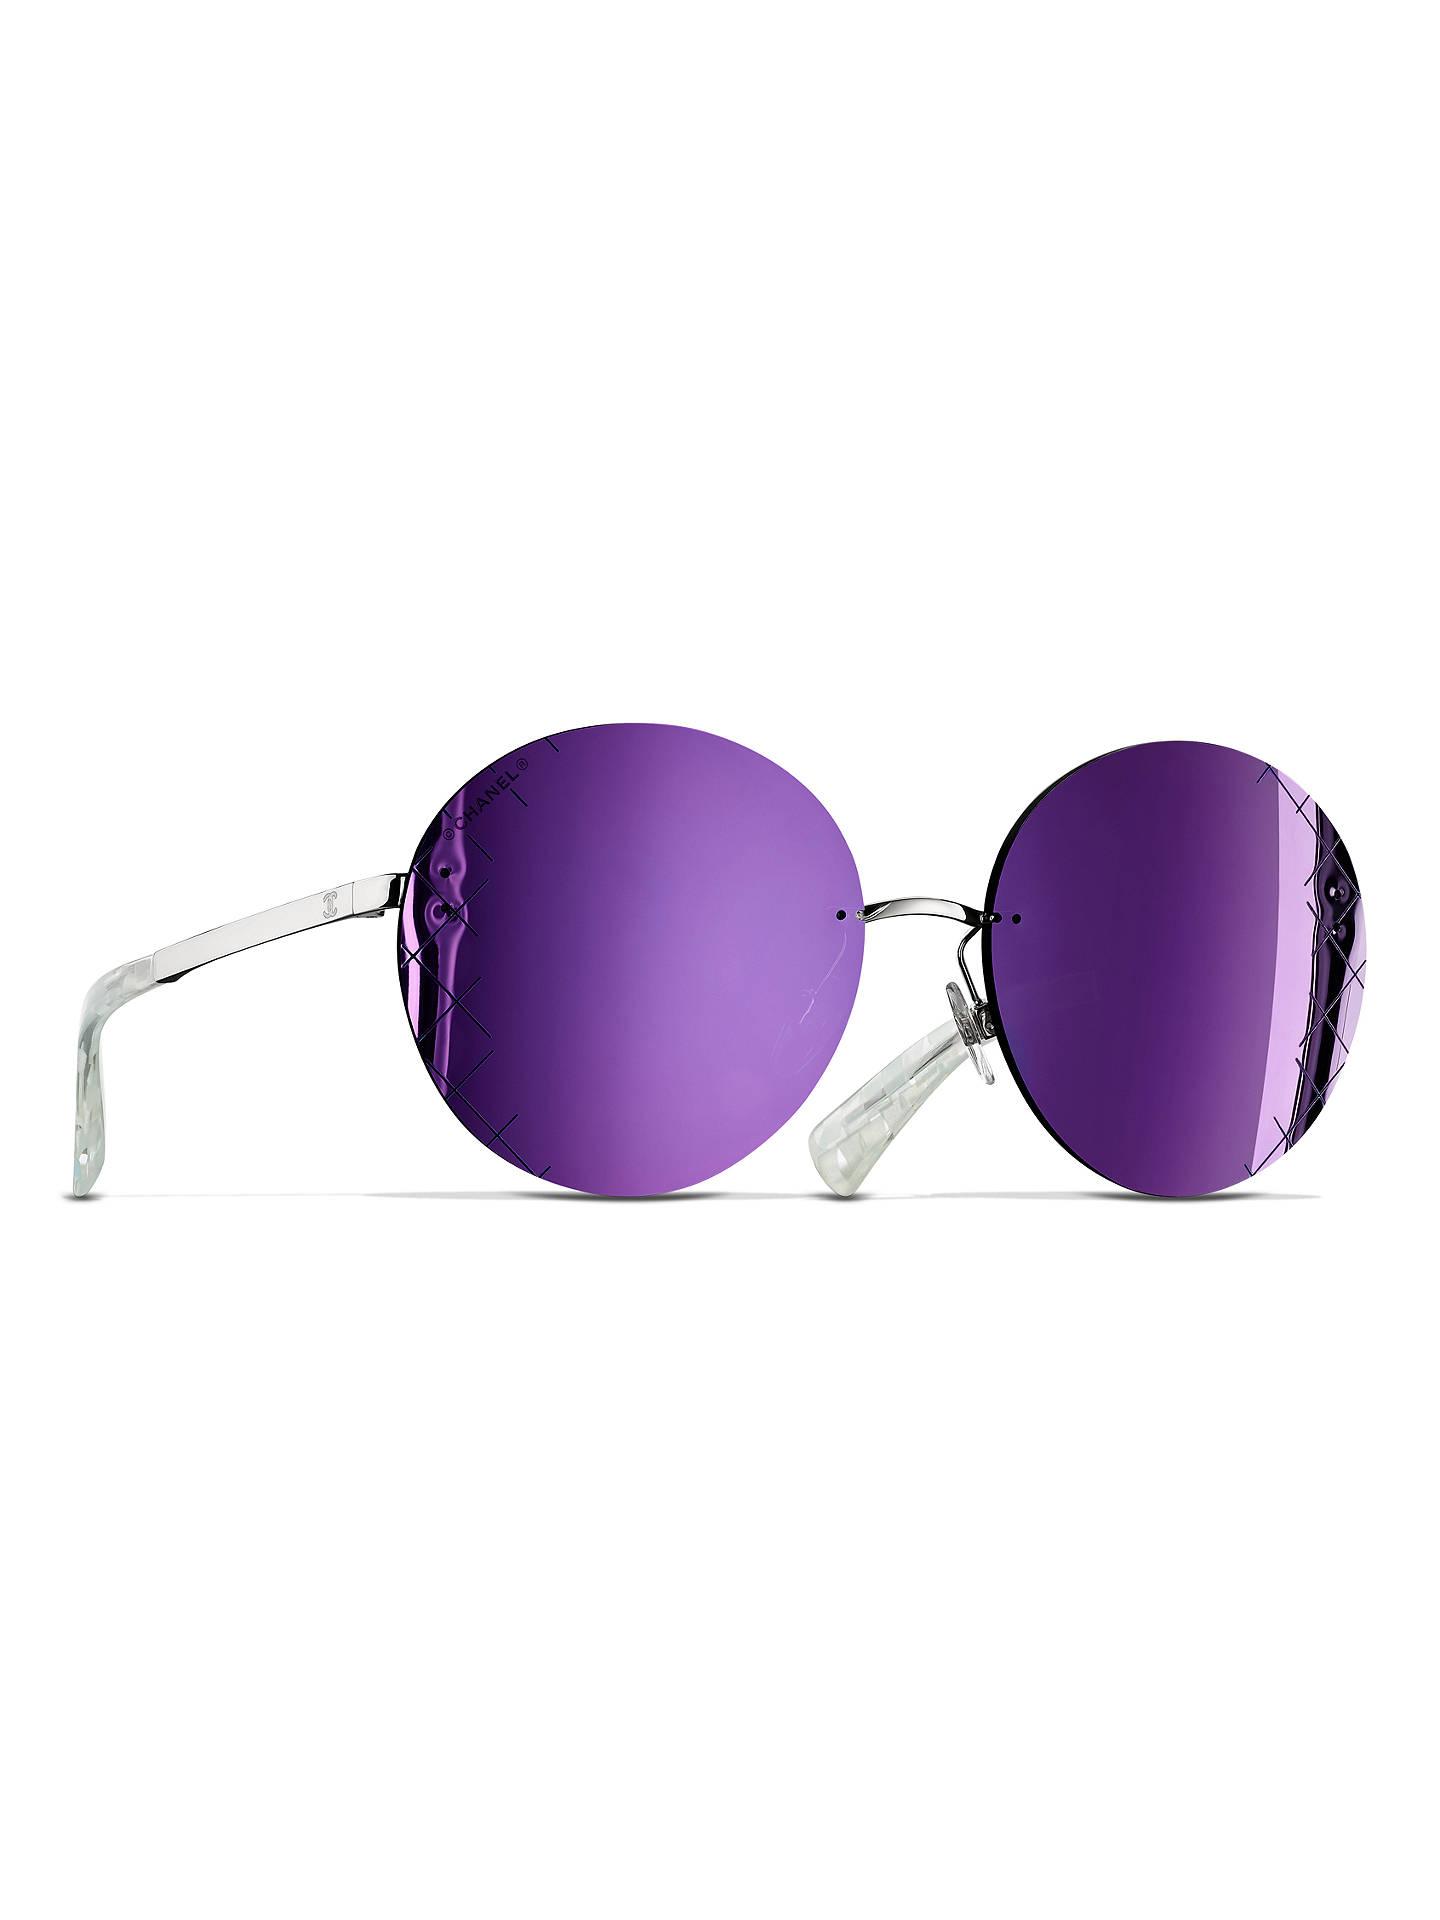 7f0518e9 CHANEL Round Sunglasses CH4216 Silver/Purple